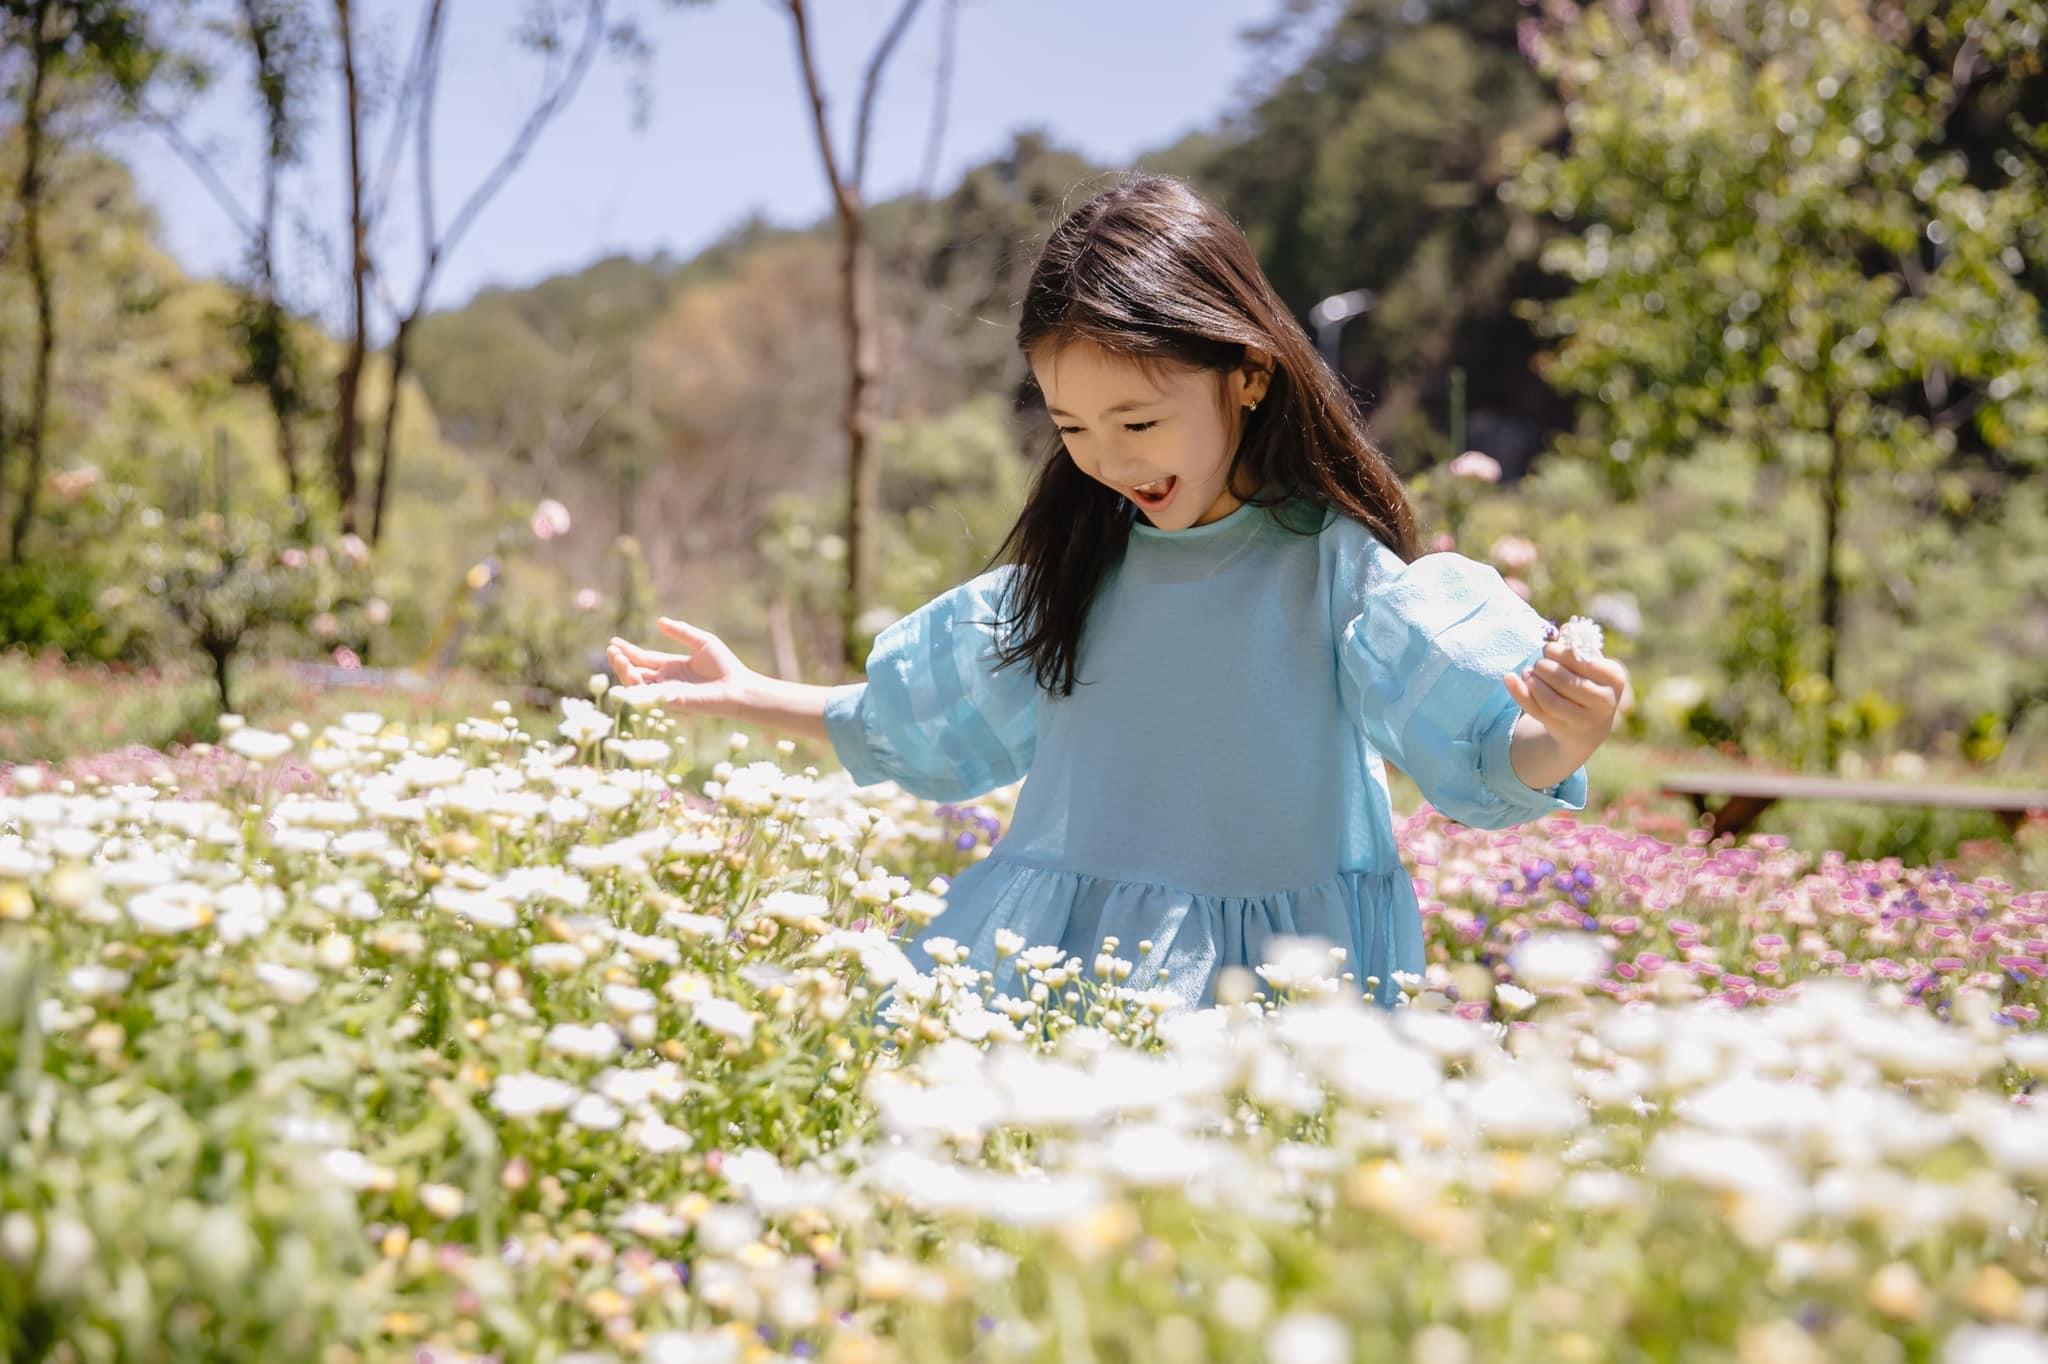 Nhan sắc như thiên thần của con gái Hà Kiều Anh khiến cả dàn sao Vbiz tấm tắc khen ngợi - Ảnh 5.